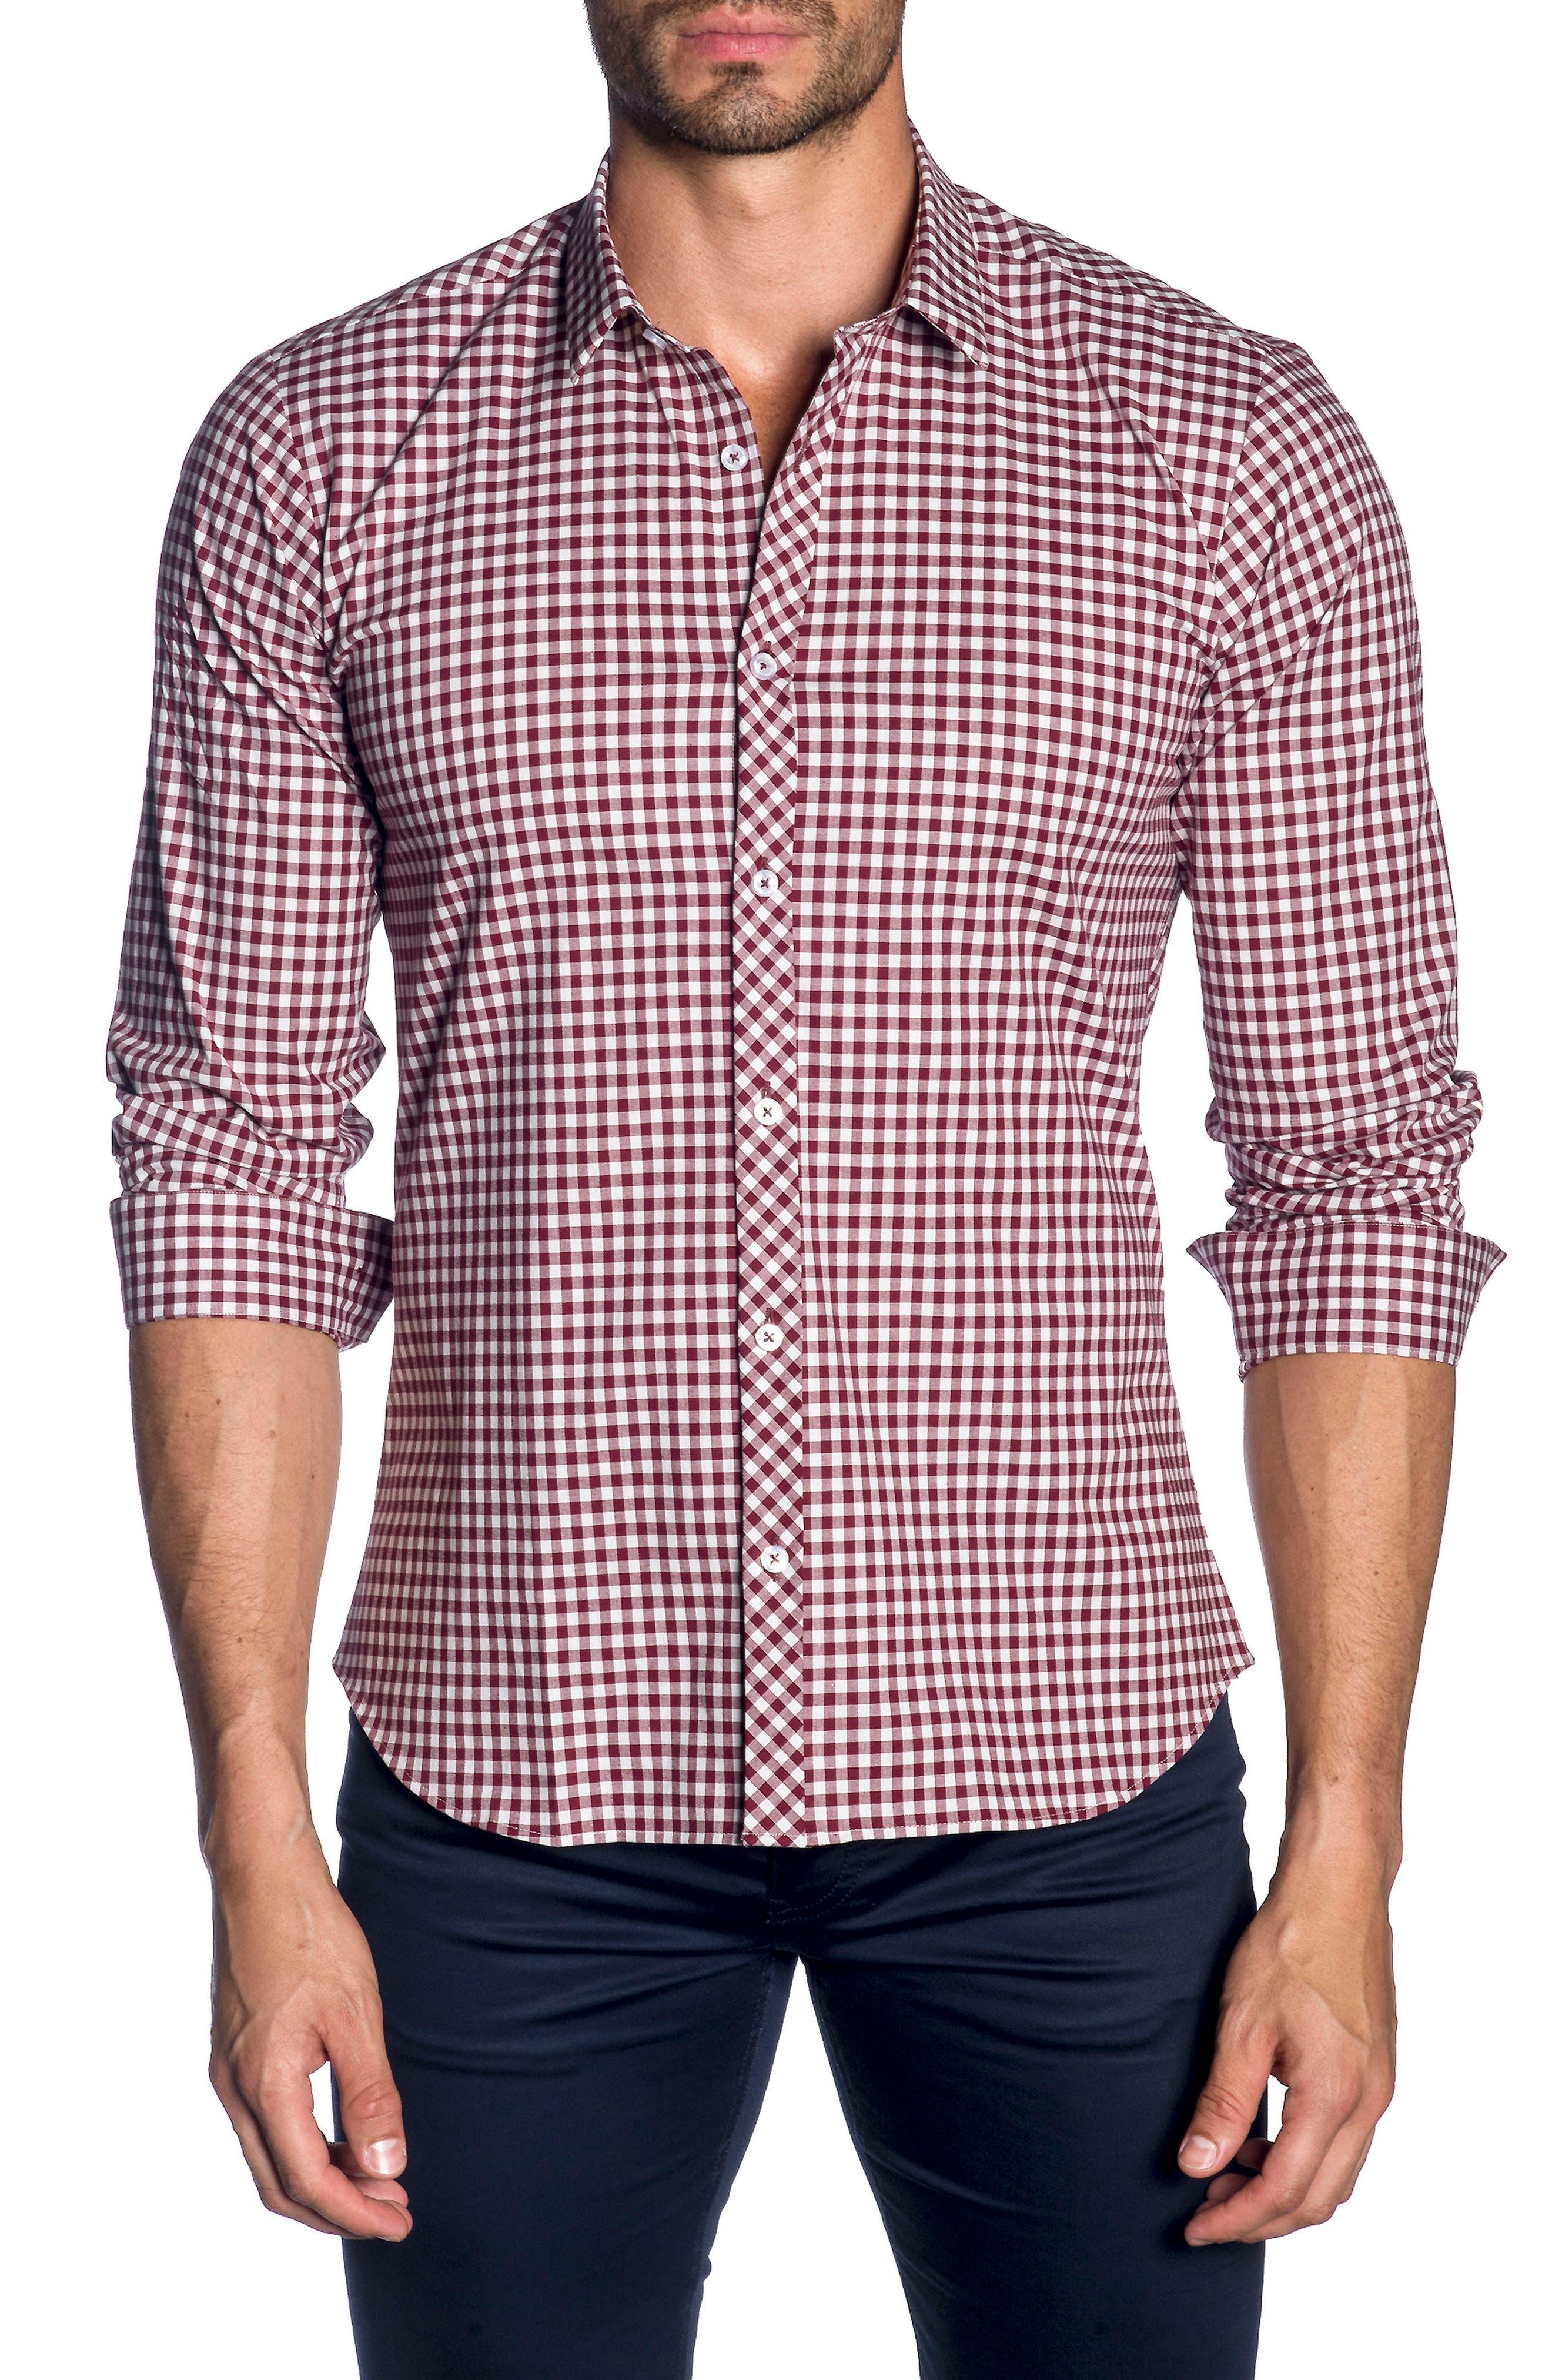 Trim Fit Sport Shirt,                             Main thumbnail 1, color,                             Heather Grey Bordeaux Check